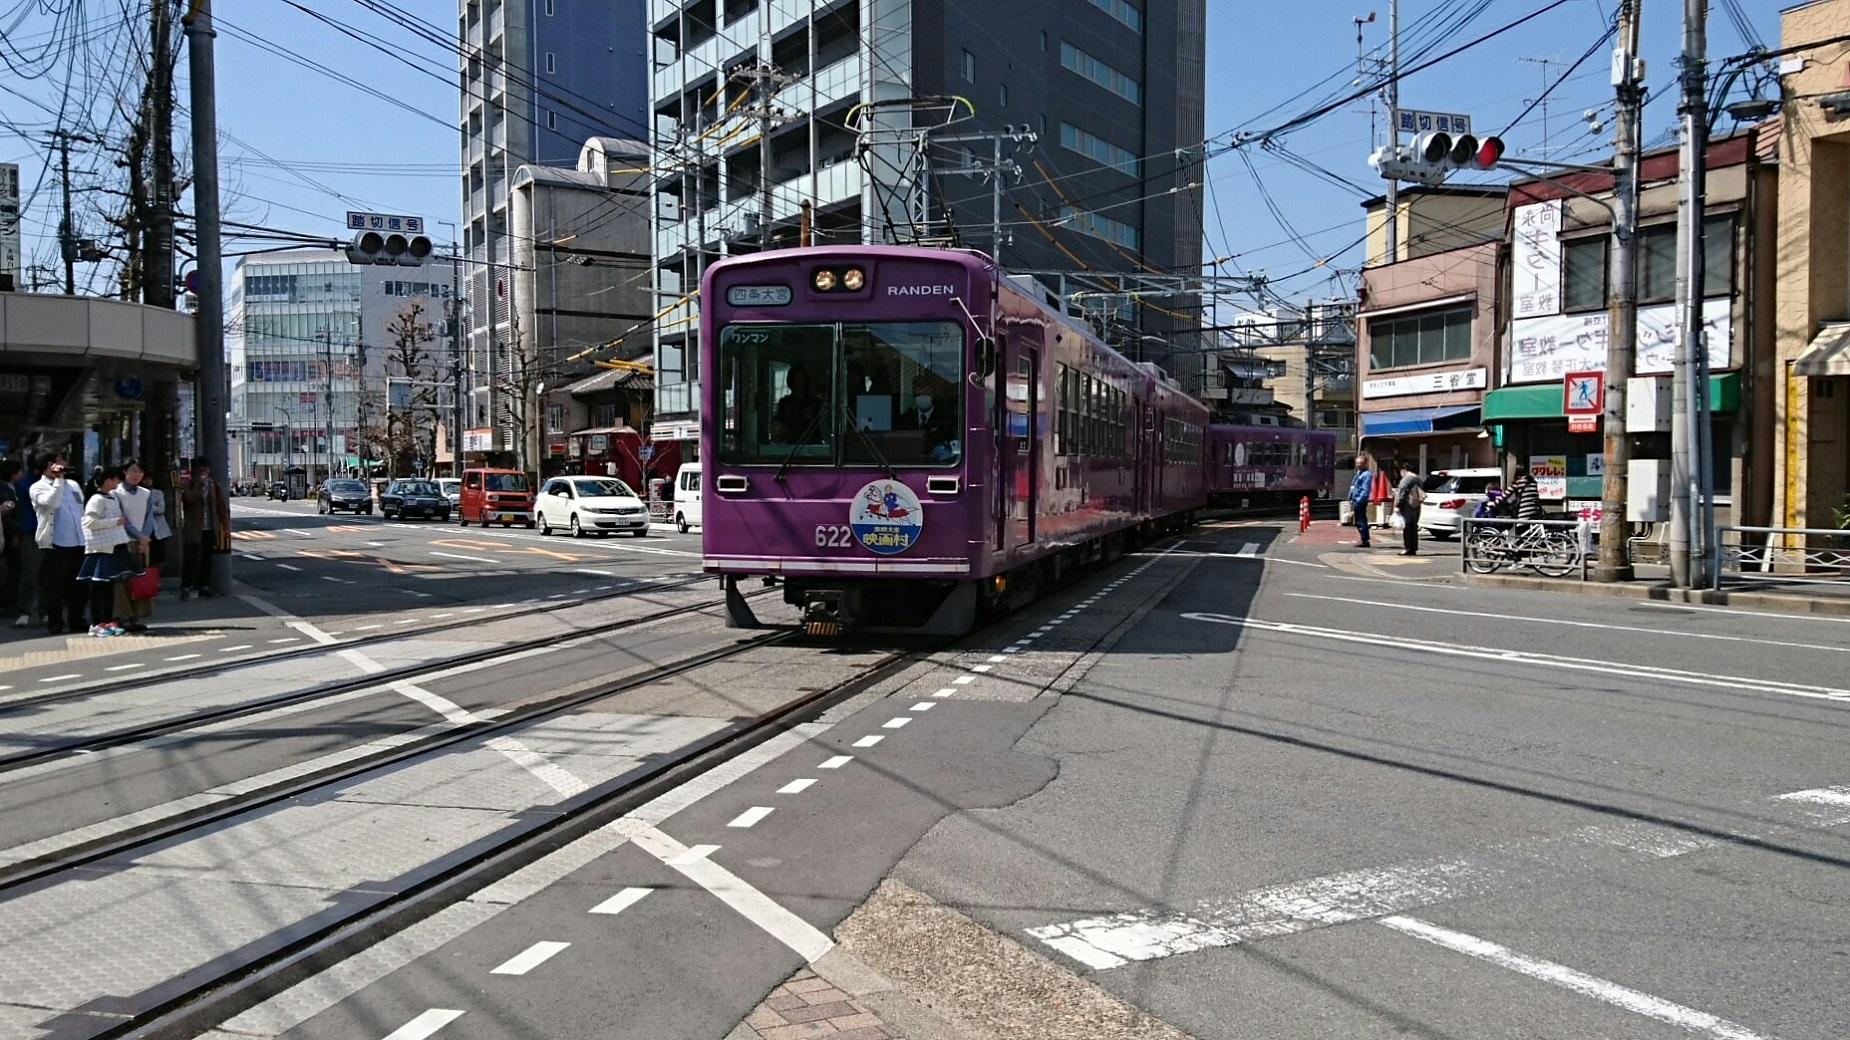 2017.4.2 西院のりかえ (9) 四条大宮いき電車 1850-1040